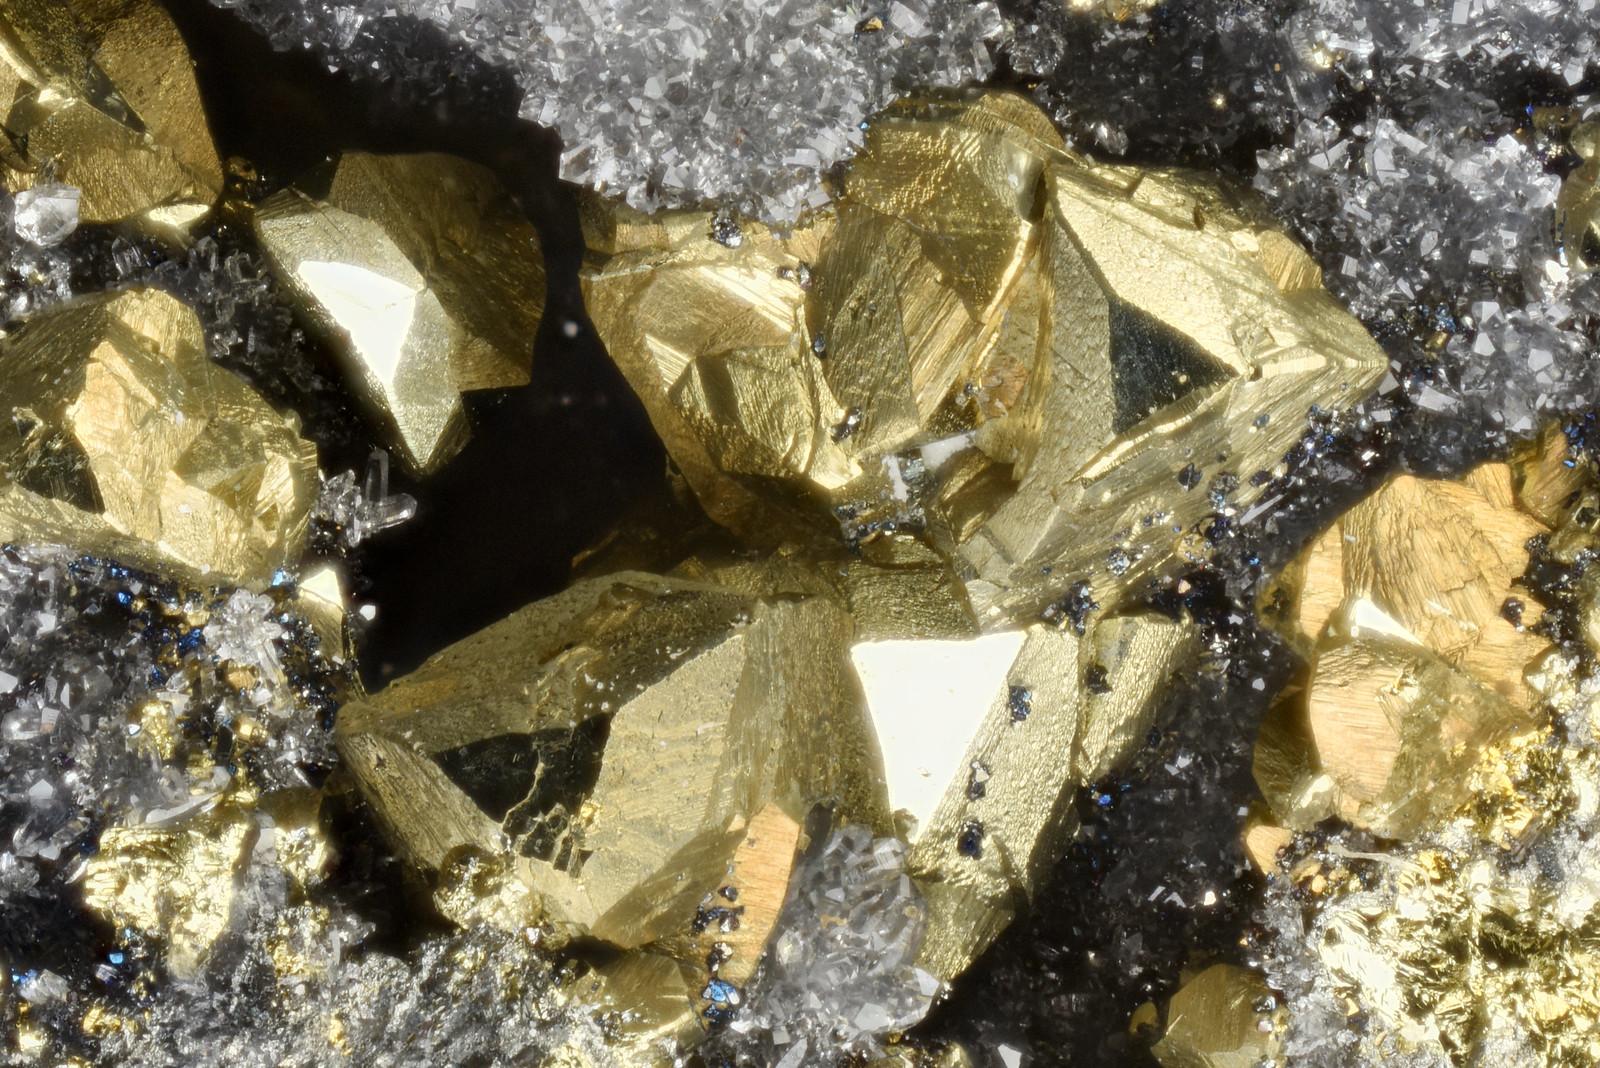 黄銅鉱 / Chalcopyrite